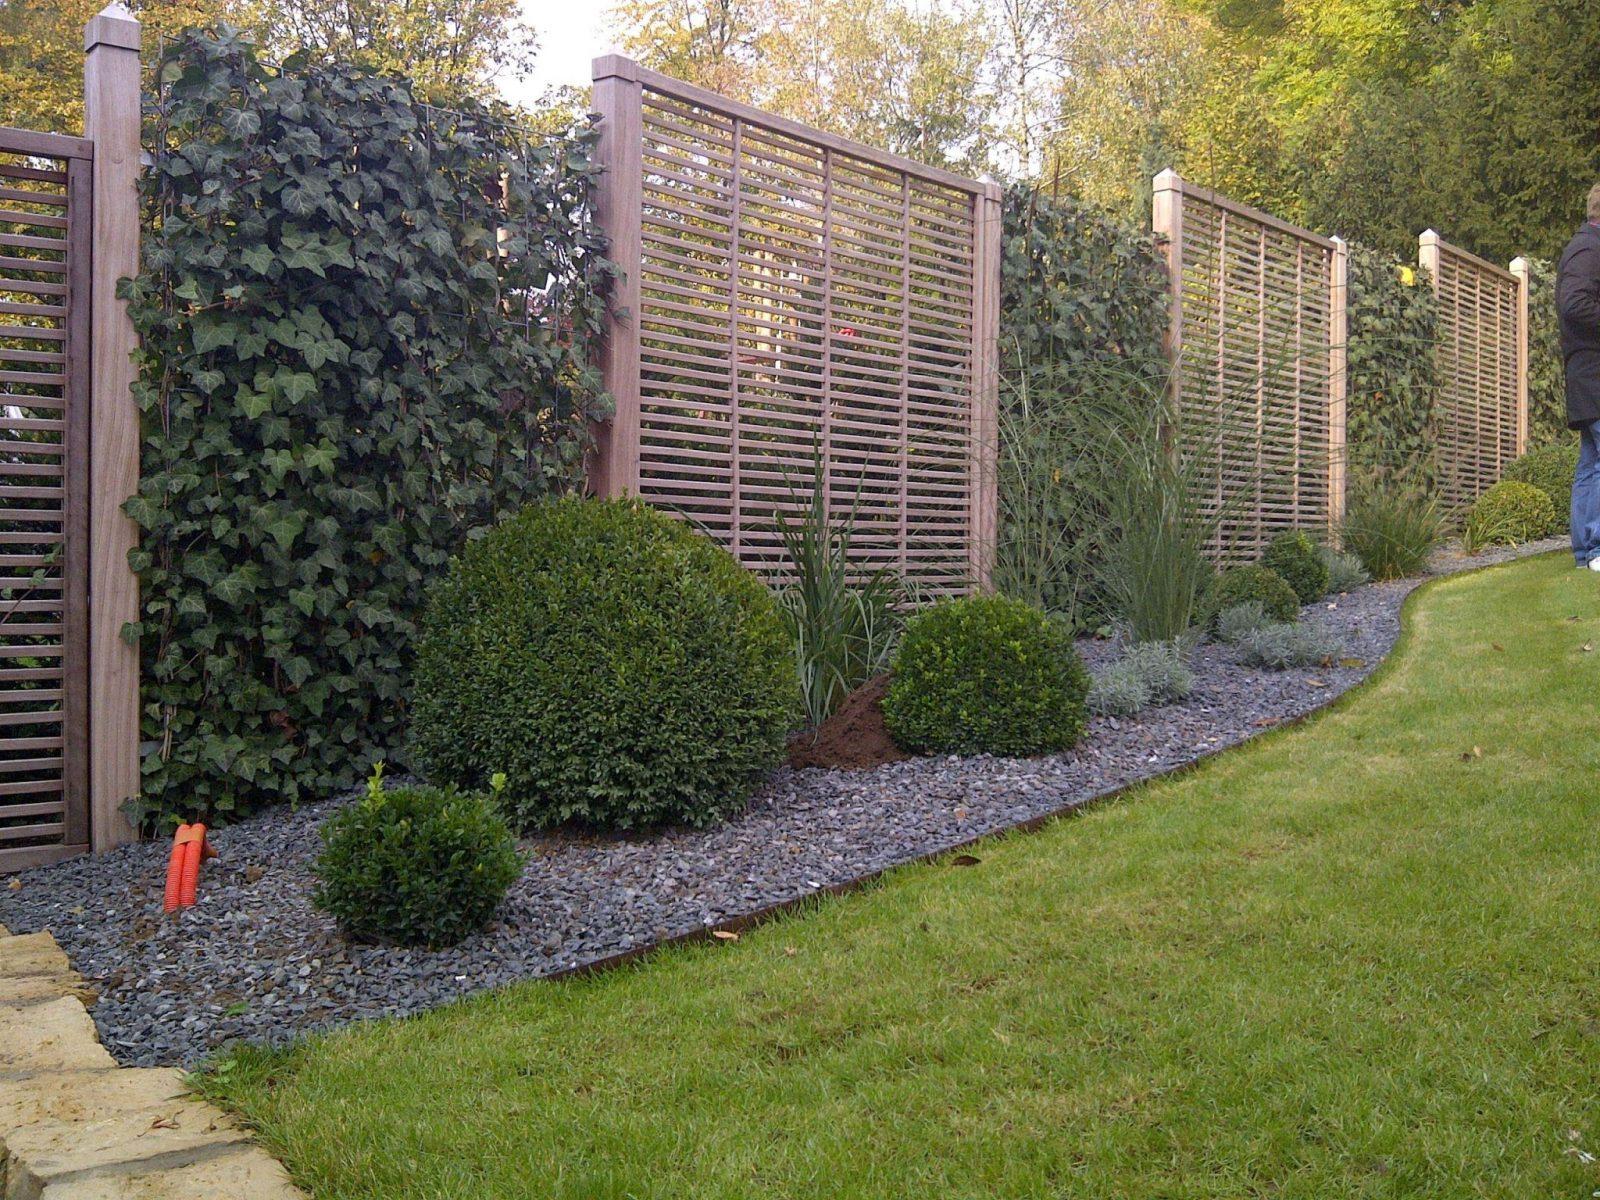 Garten Sichtschutz Selber Bauen Inspiration Von Weide Sichtschutz von Weide Sichtschutz Selber Machen Bild